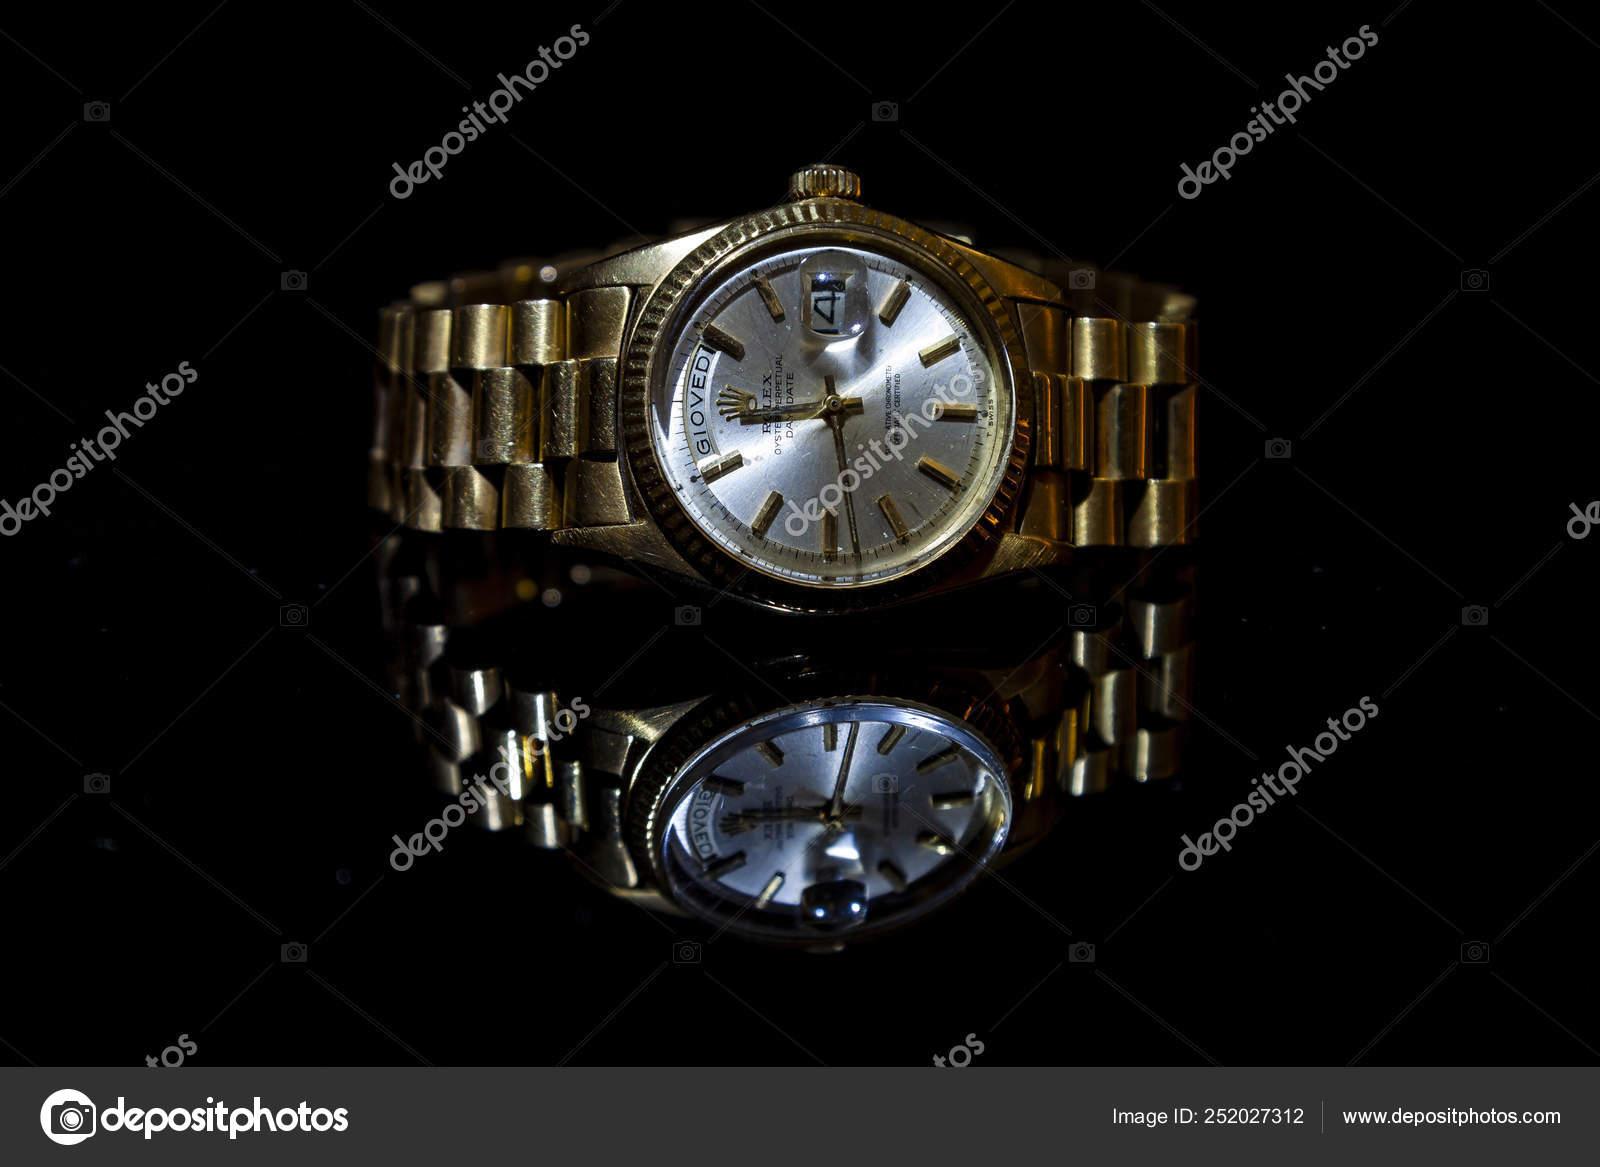 Rolex Oyster Perpetual Day Date Uhr auf schwarzem